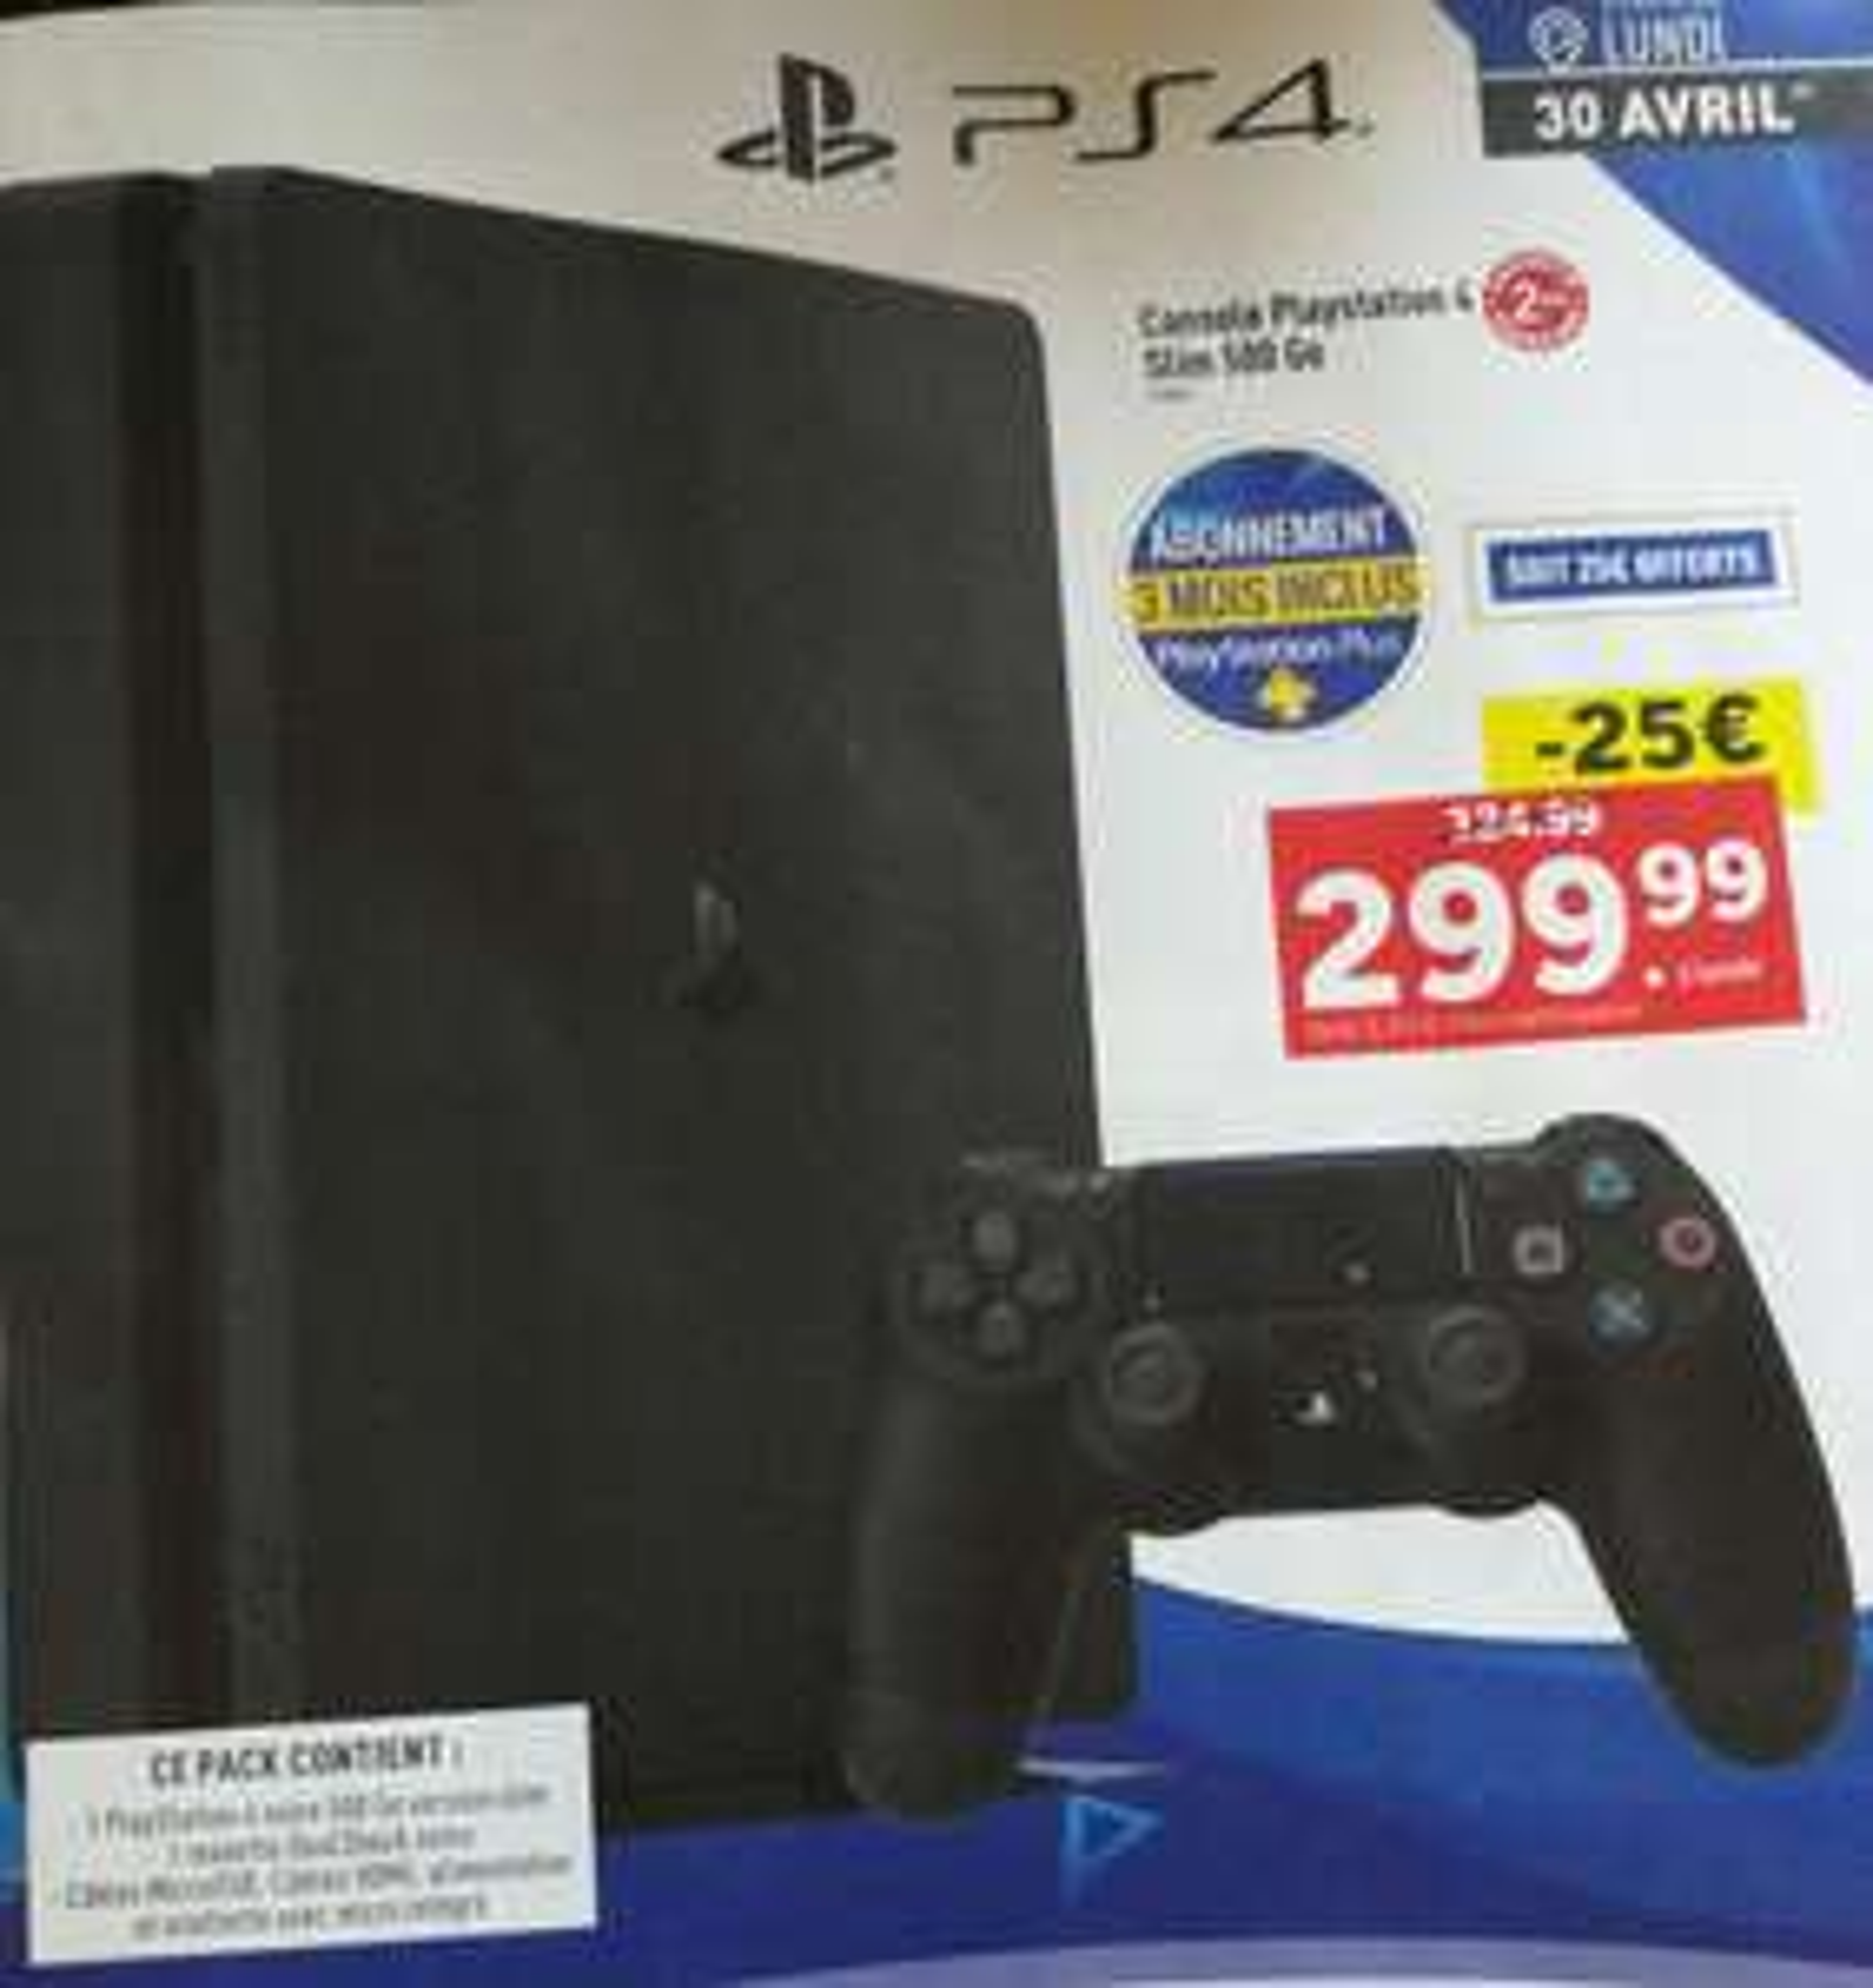 Console Sony PS4 Slim 500 Go + 3 mois d'abonnement au PlayStation Plus